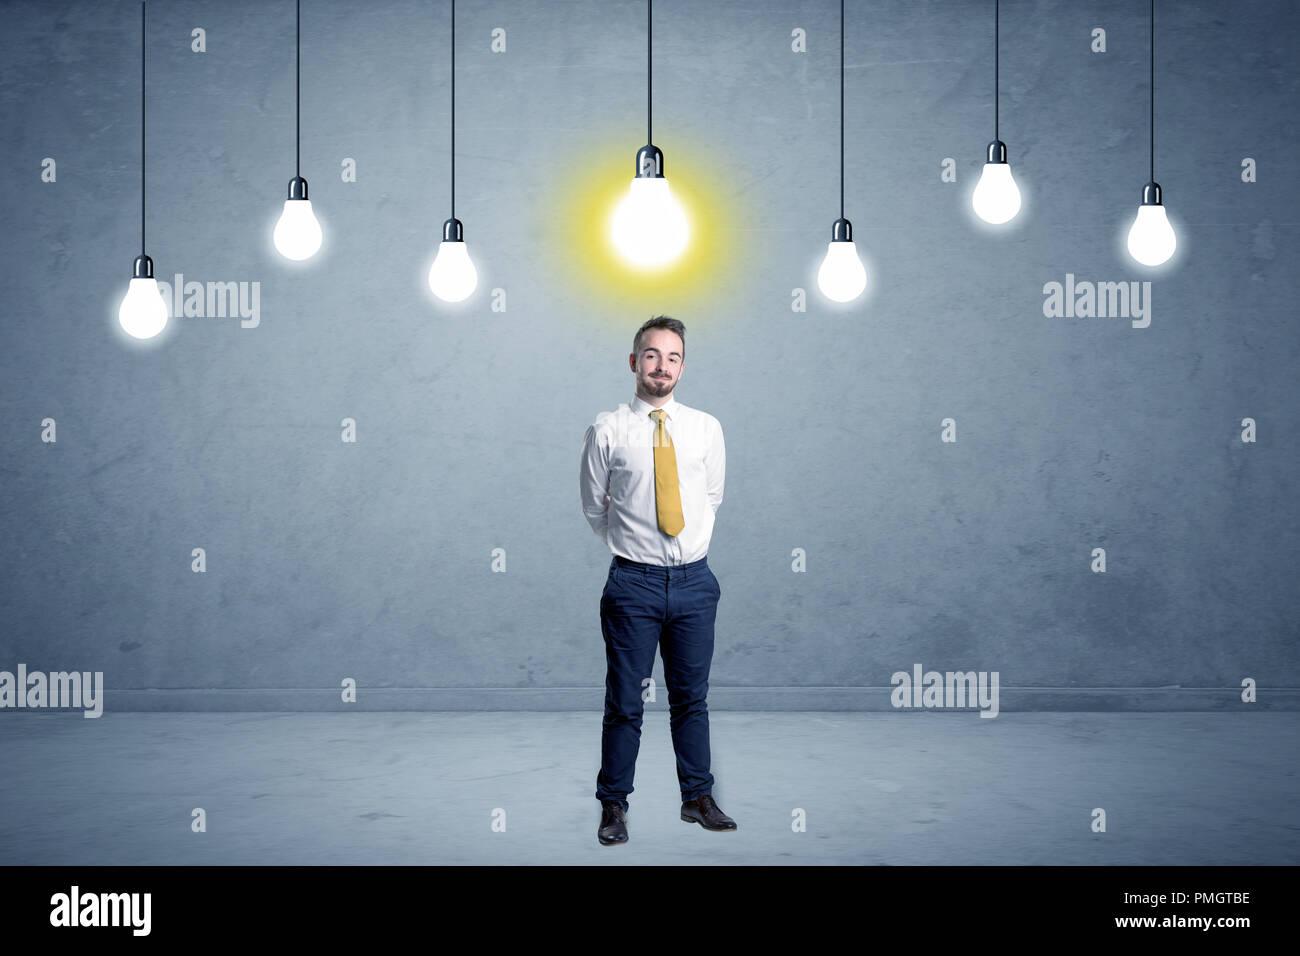 Guapo empresario en un espacio vacío con lámparas y aburrida cara arriba Imagen De Stock